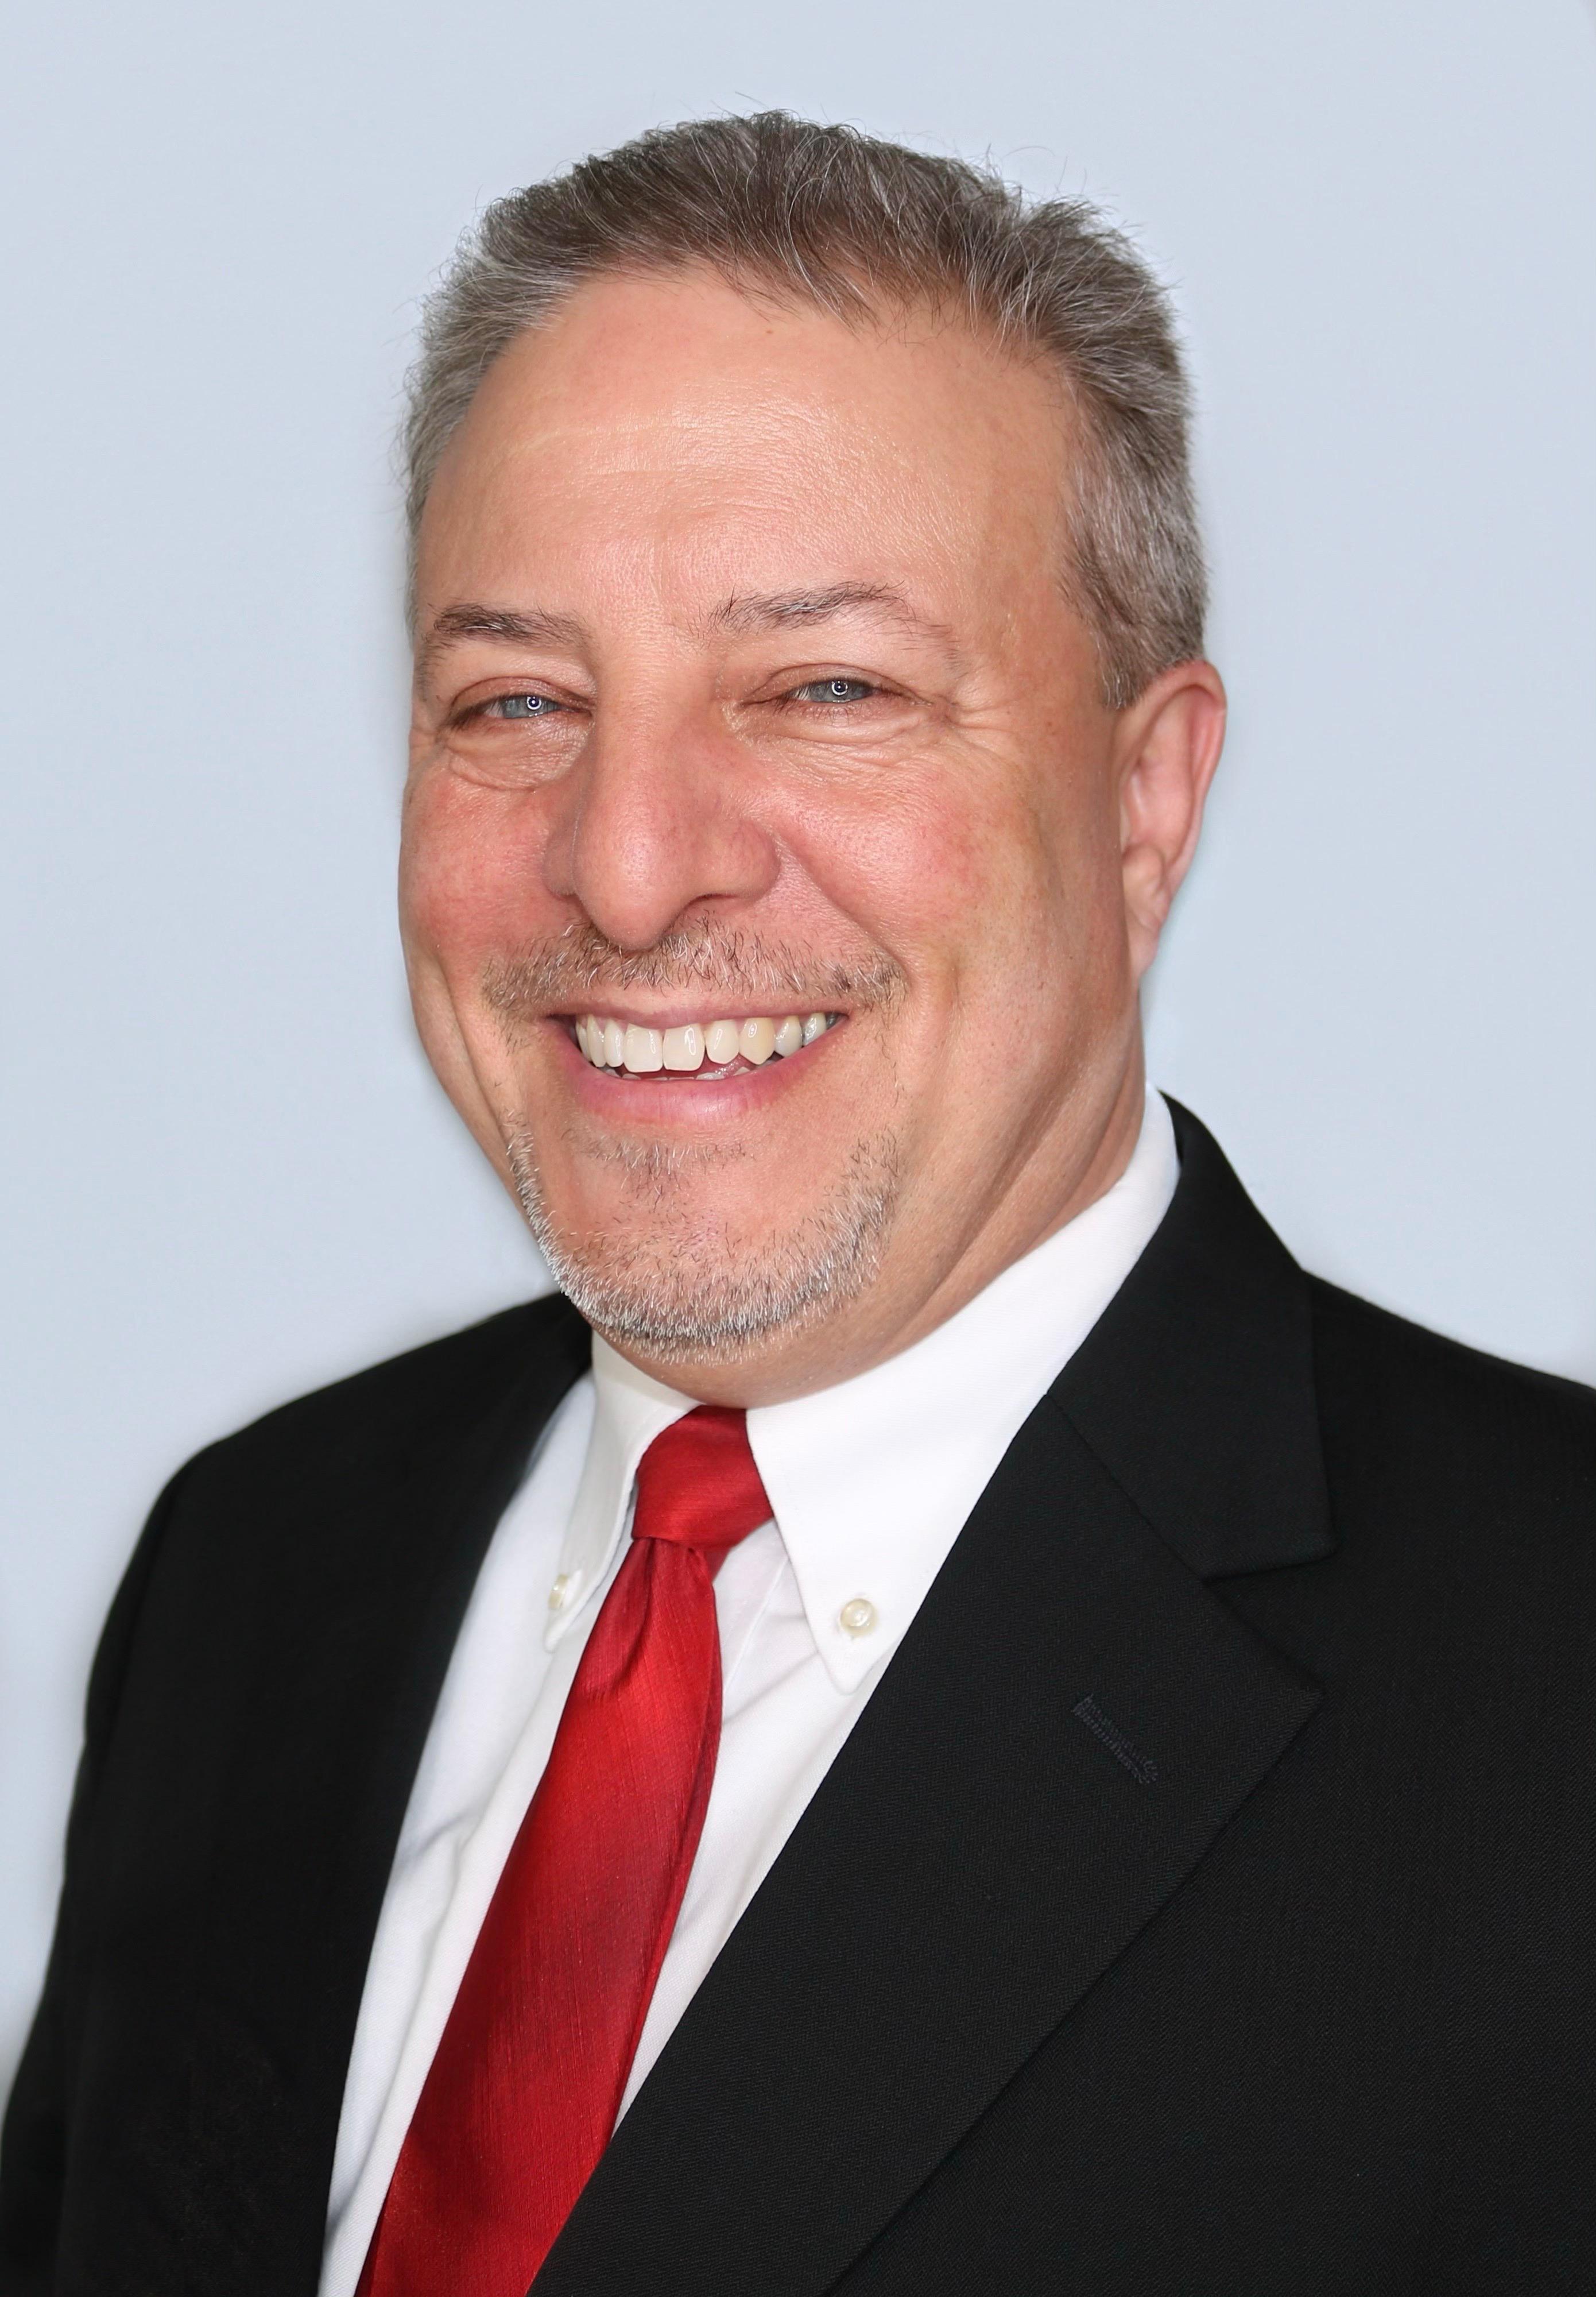 Mark Sidoti